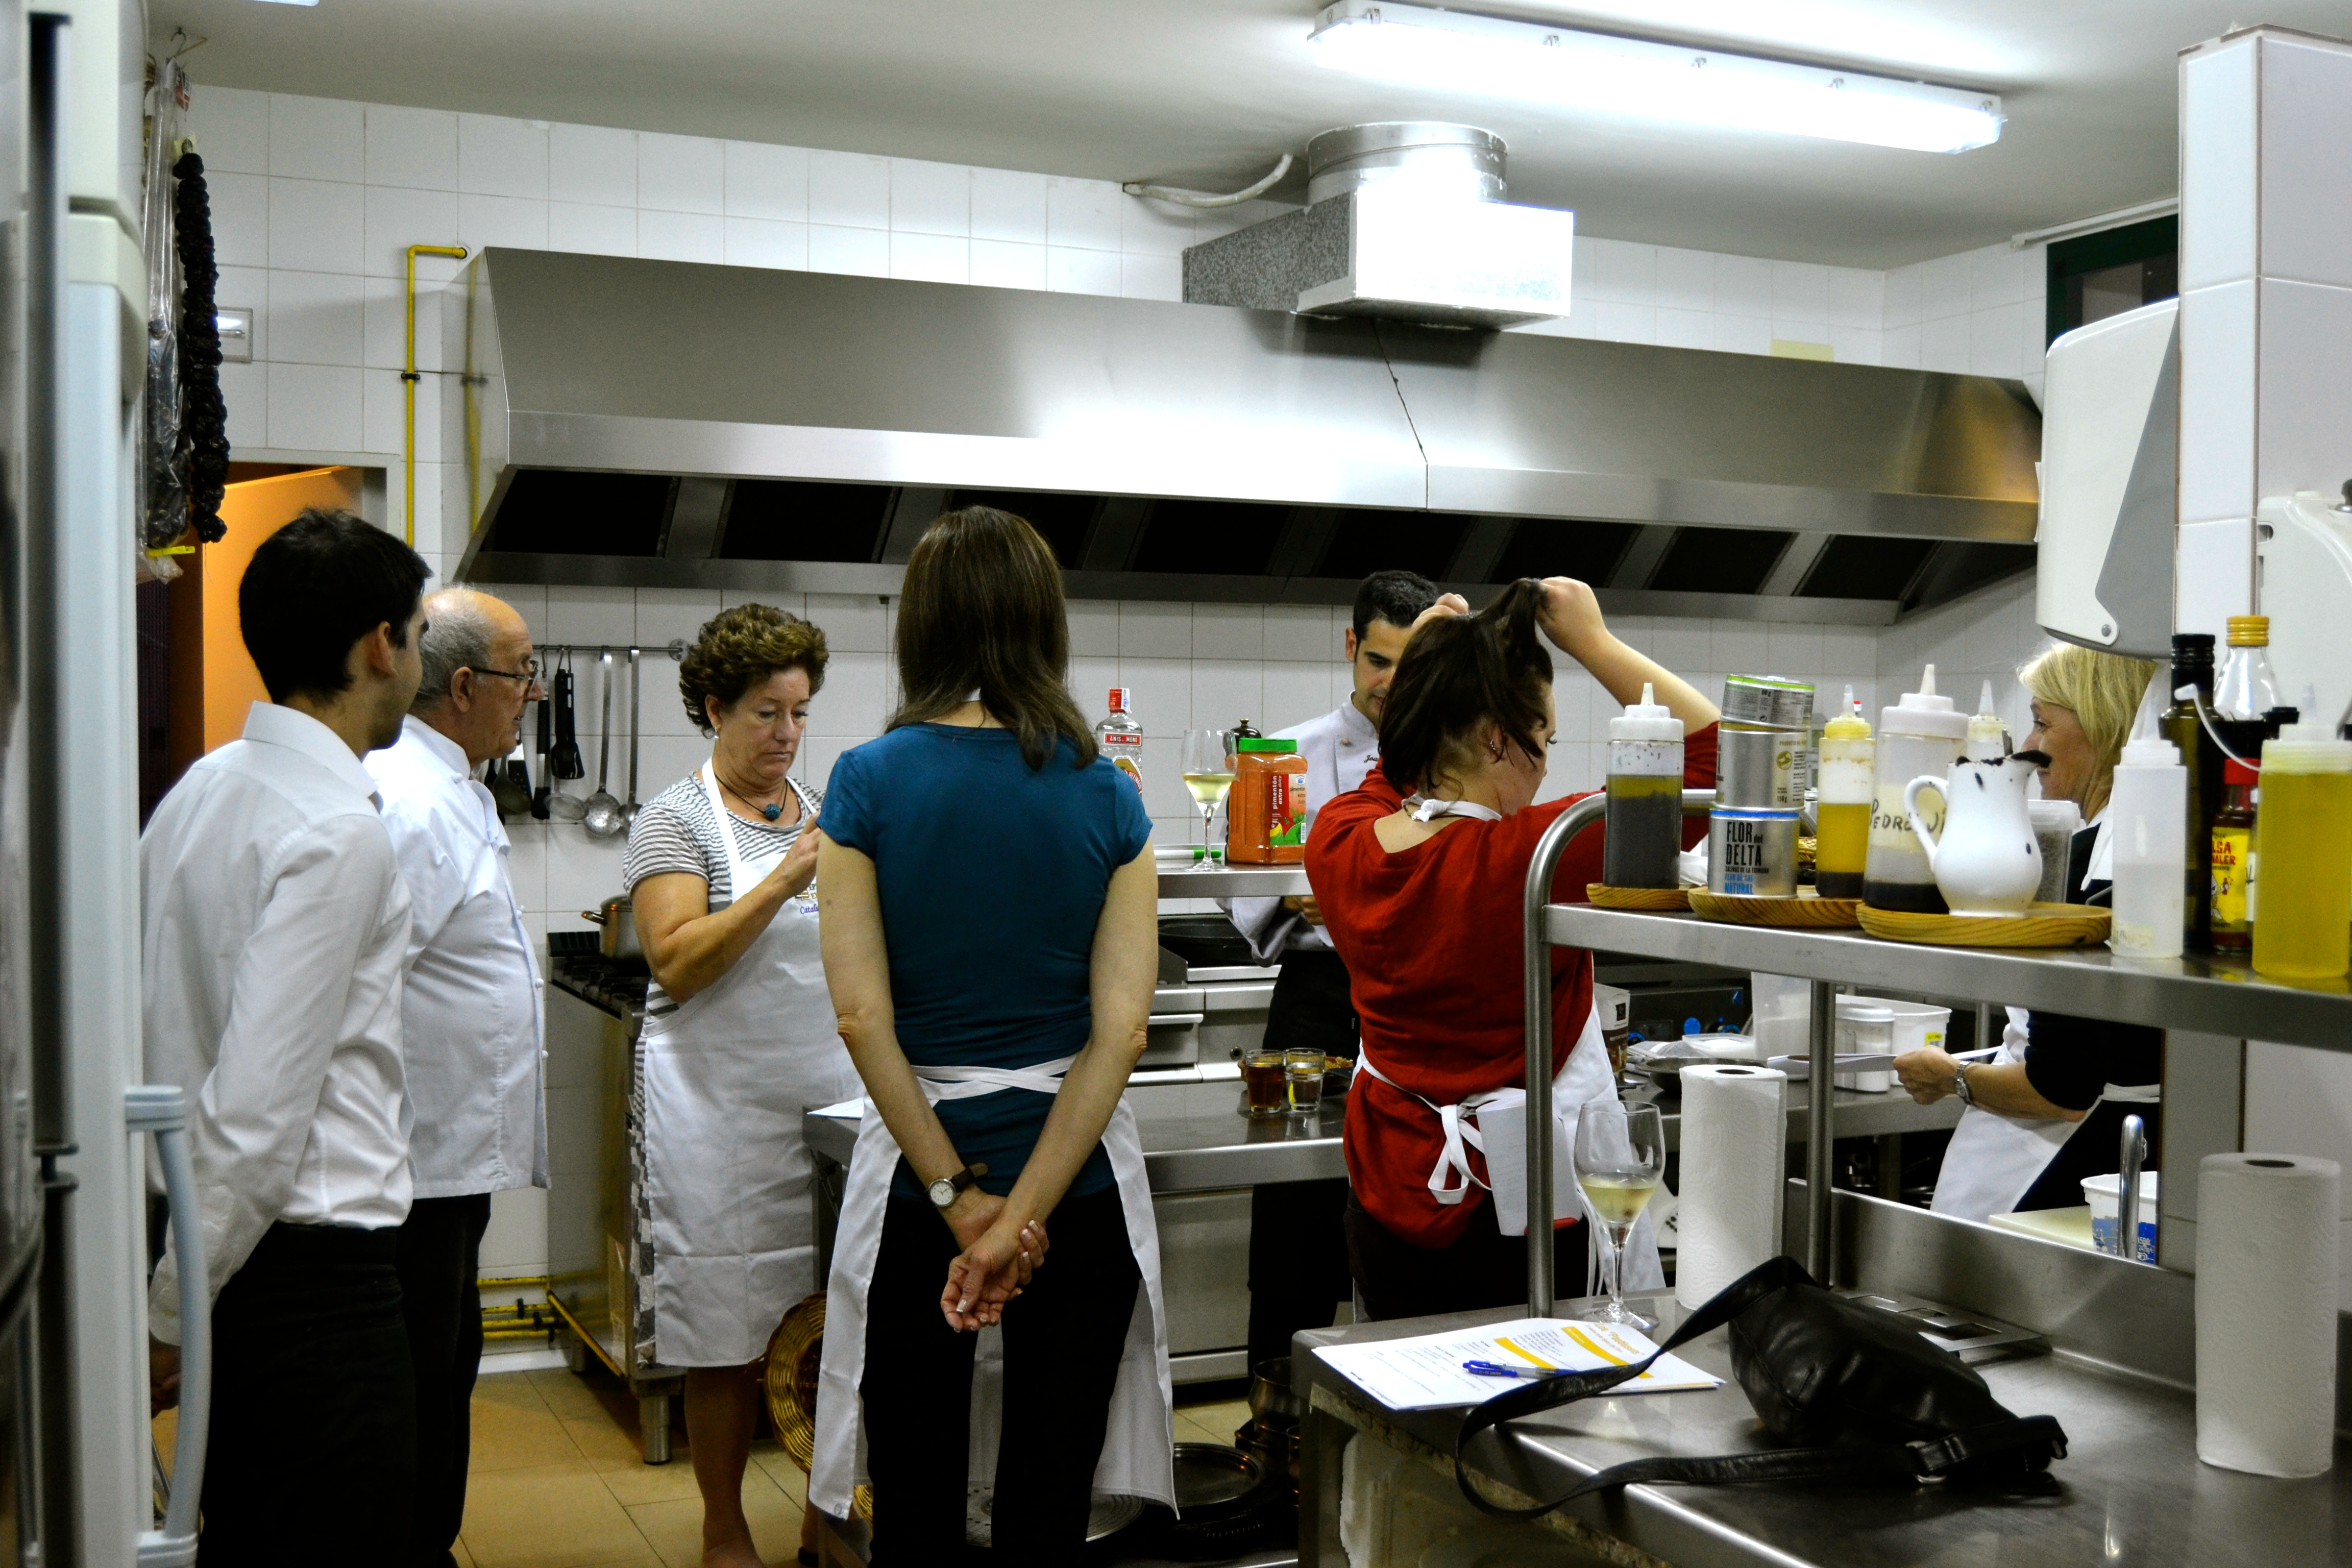 Taller per aprendre a cuinar l'arròs / Hotel l'Algadir del Delta